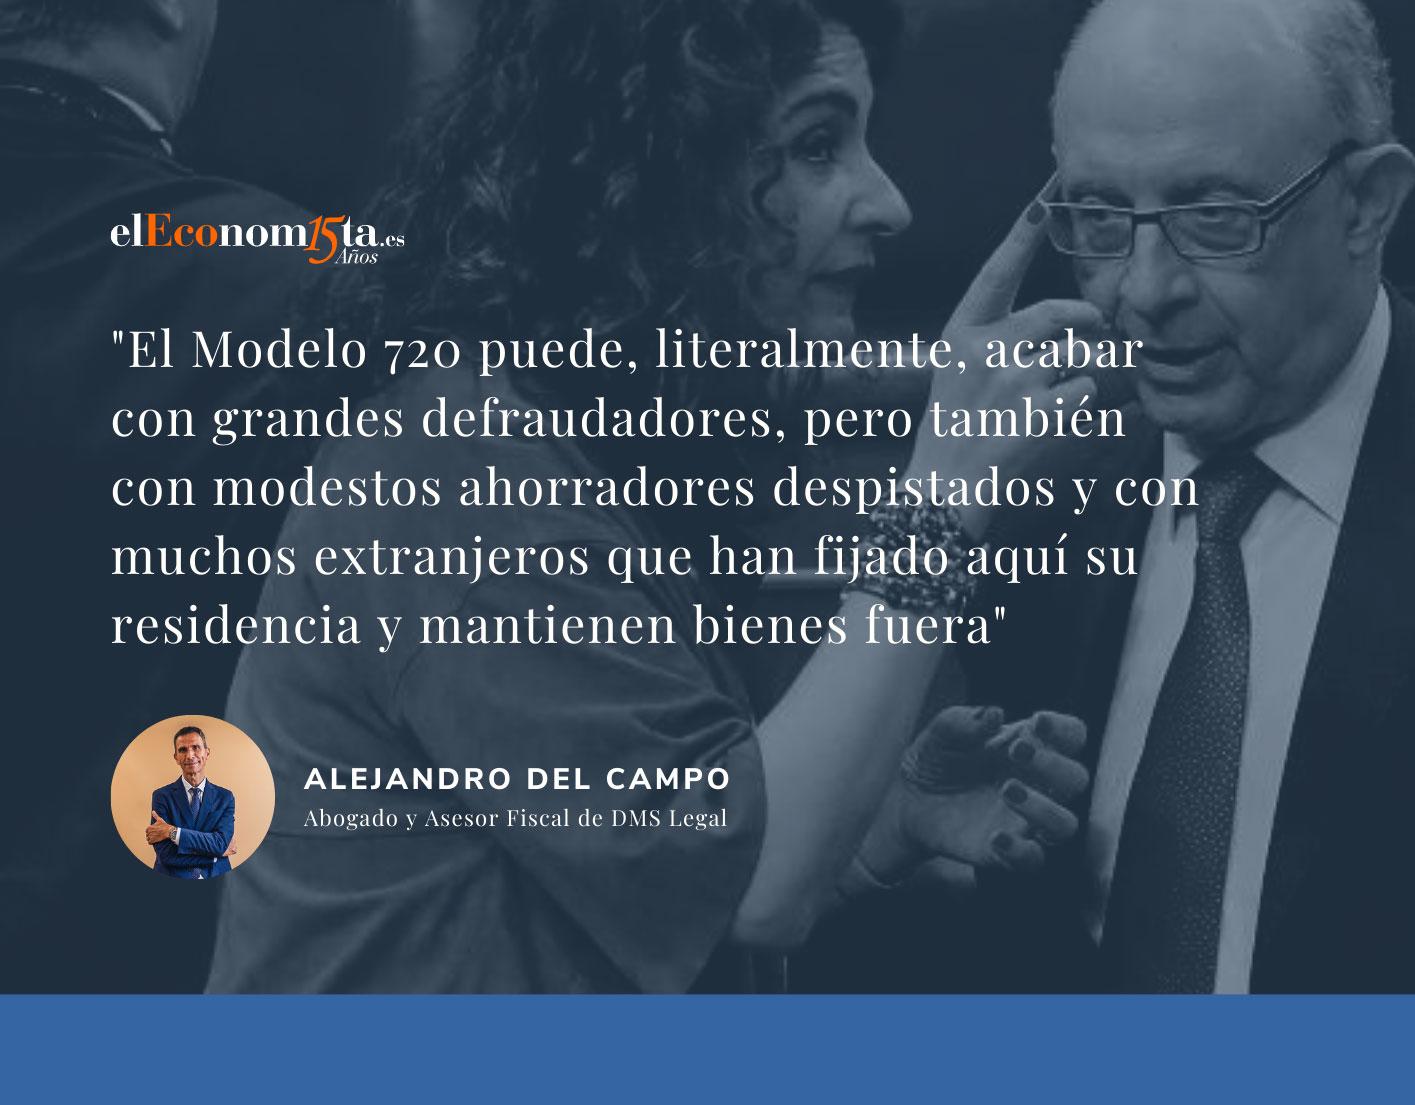 Alejandro del Campo en El Economista: La Justicia europea se pronunciará este mes sobre el Modelo 720